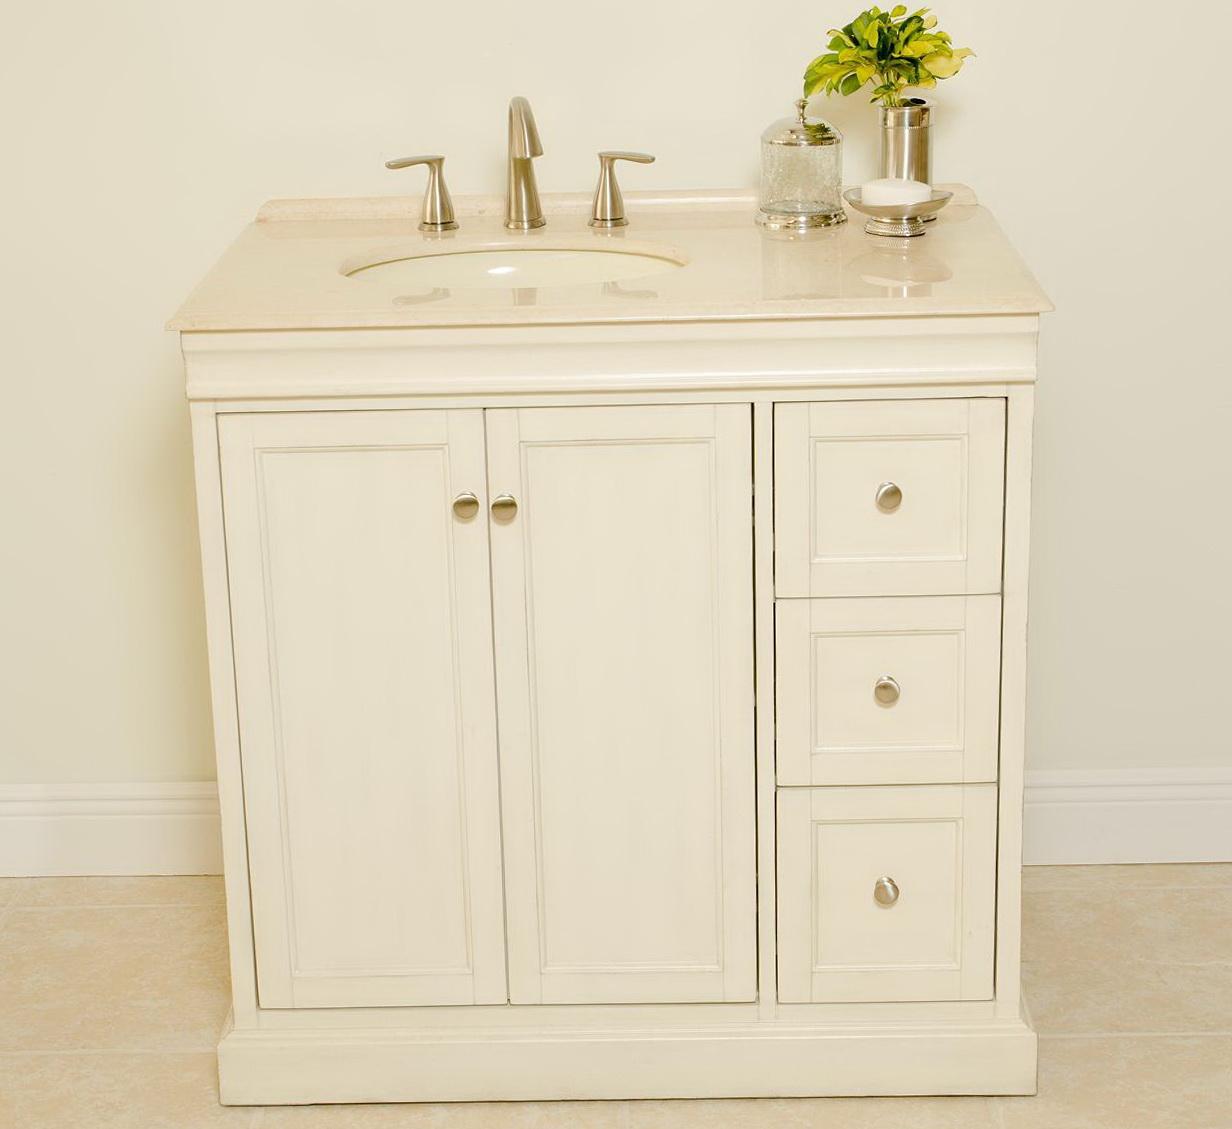 36 Inch Bathroom Vanity Lowes